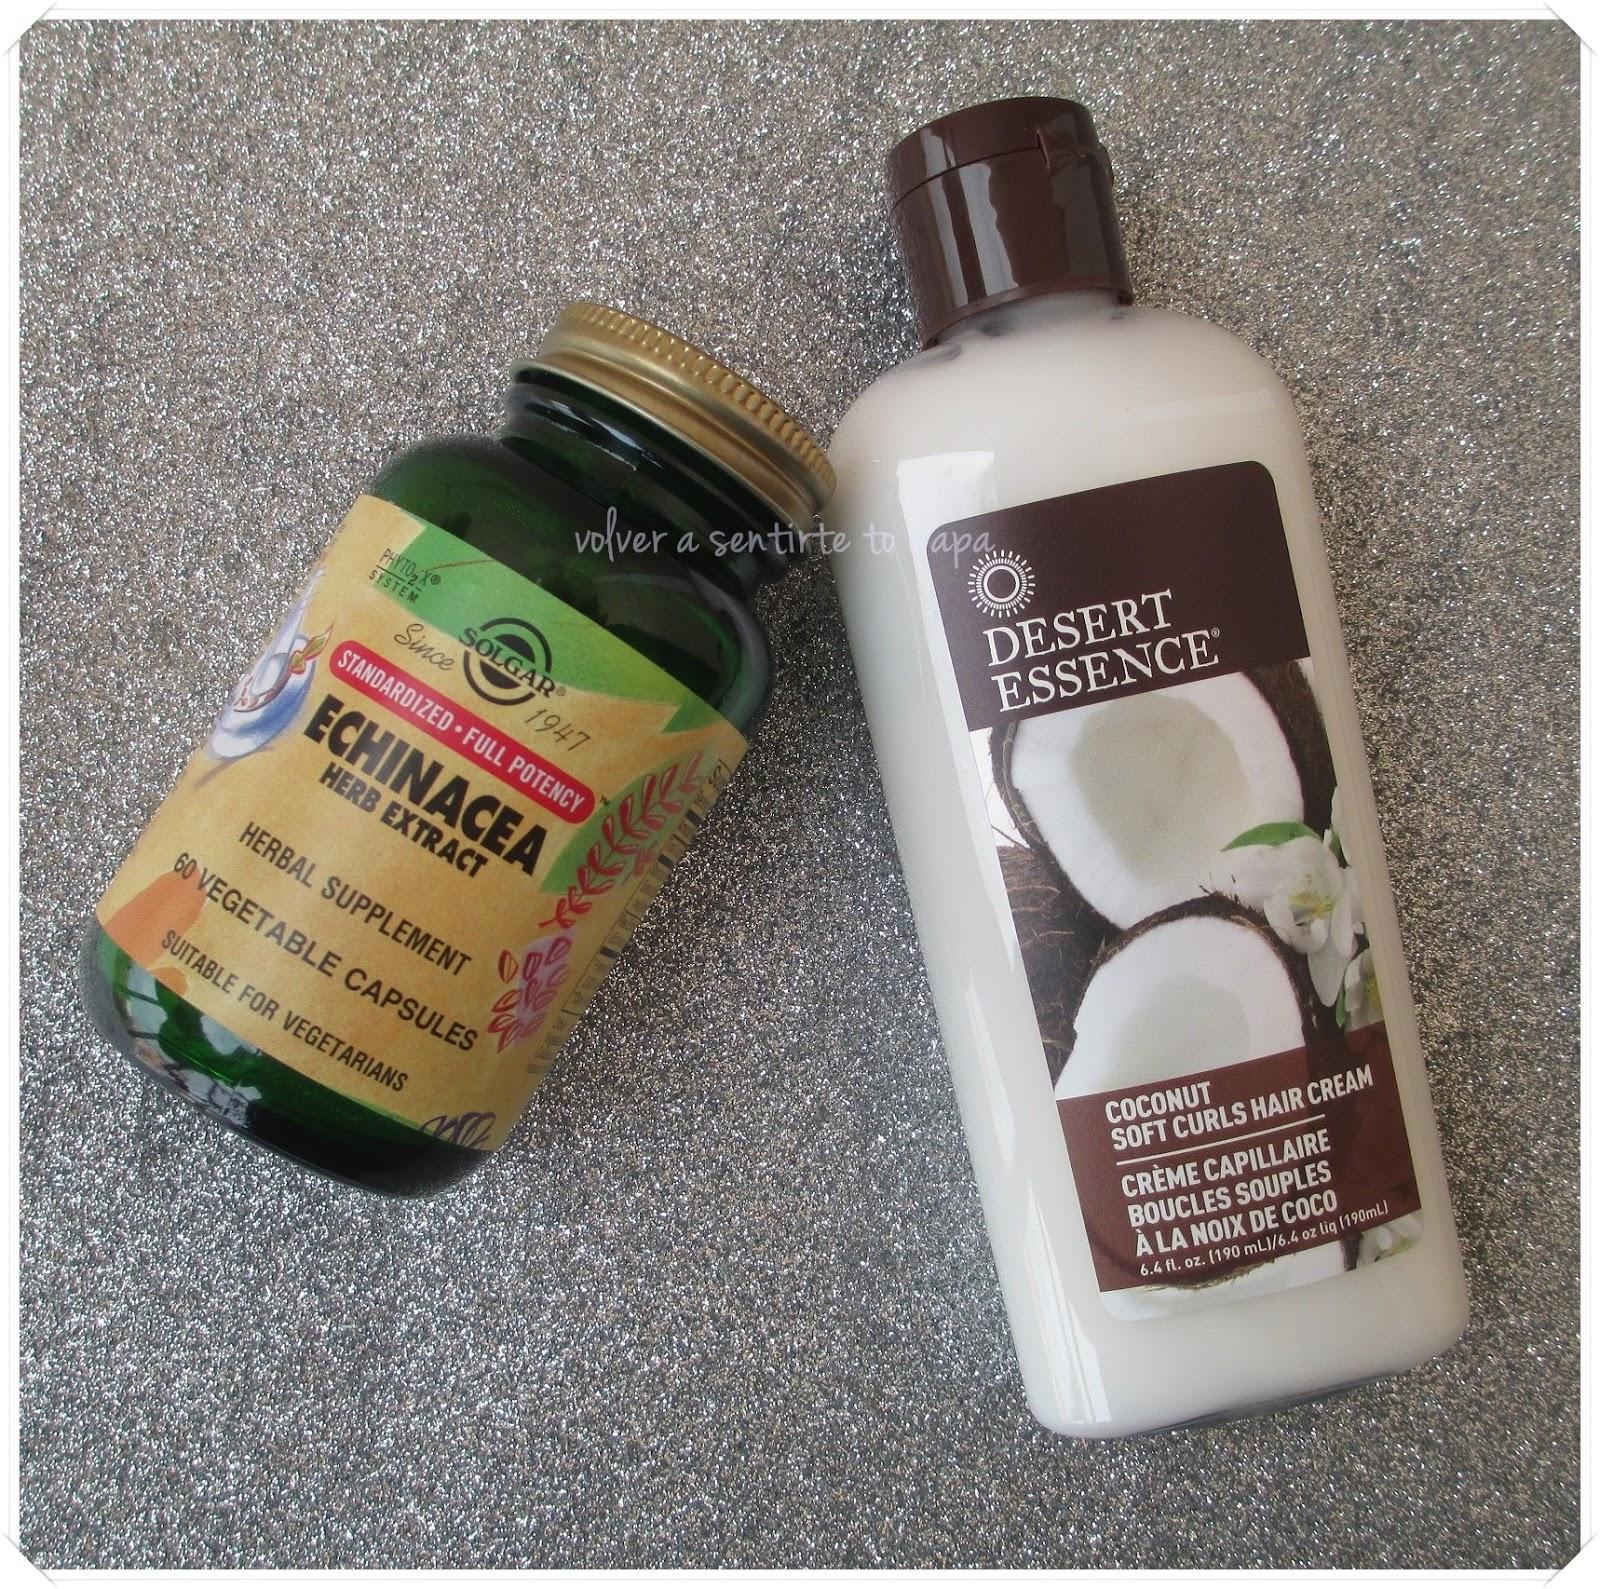 Compras en iHerb {enero 2015} - Equinacea de Solgar y Desert Essence